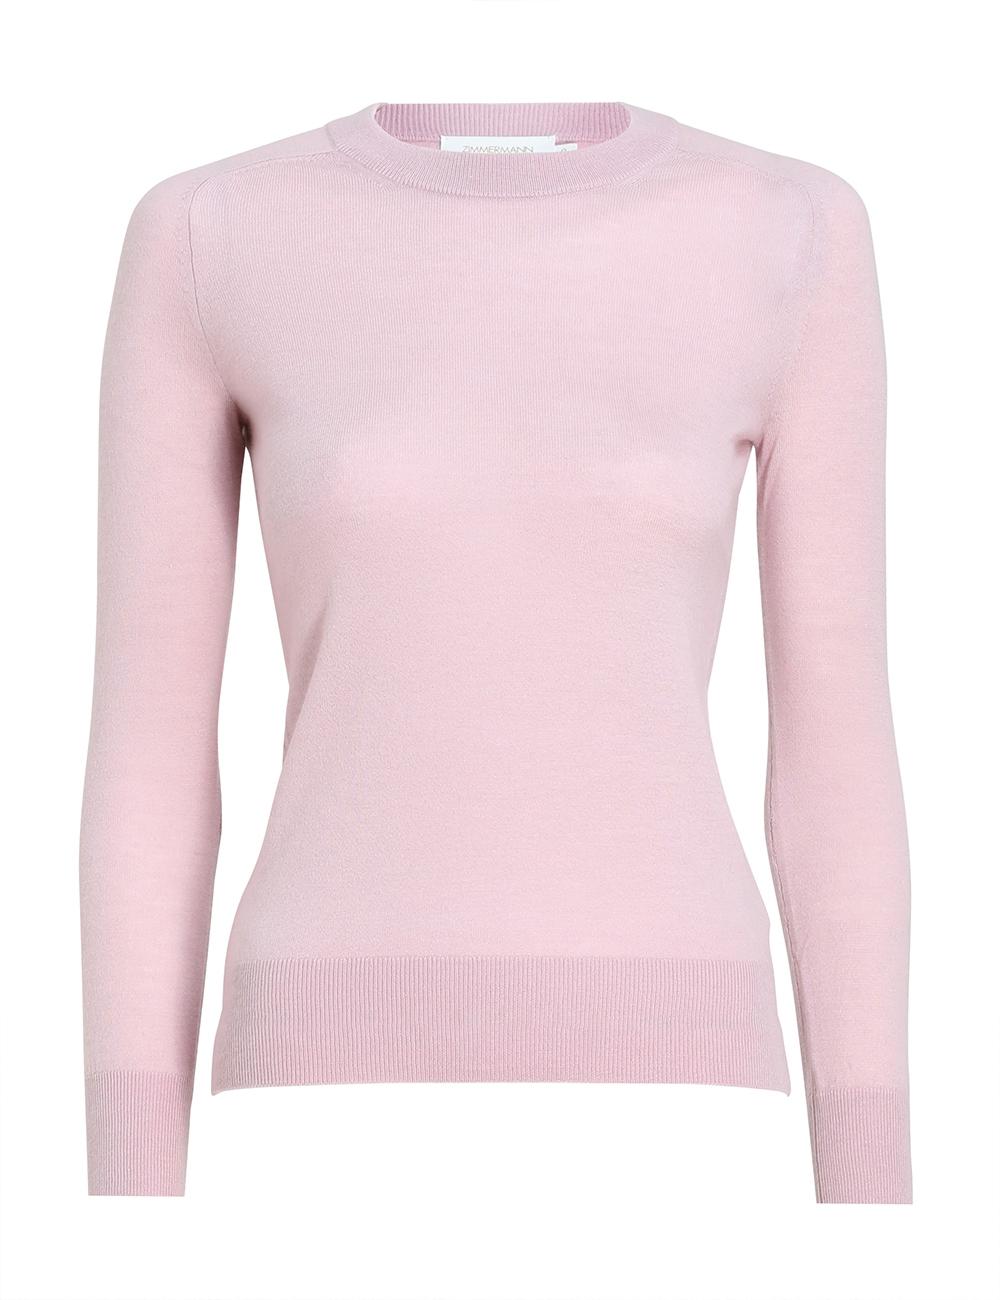 Saddle Shoulder Sweater